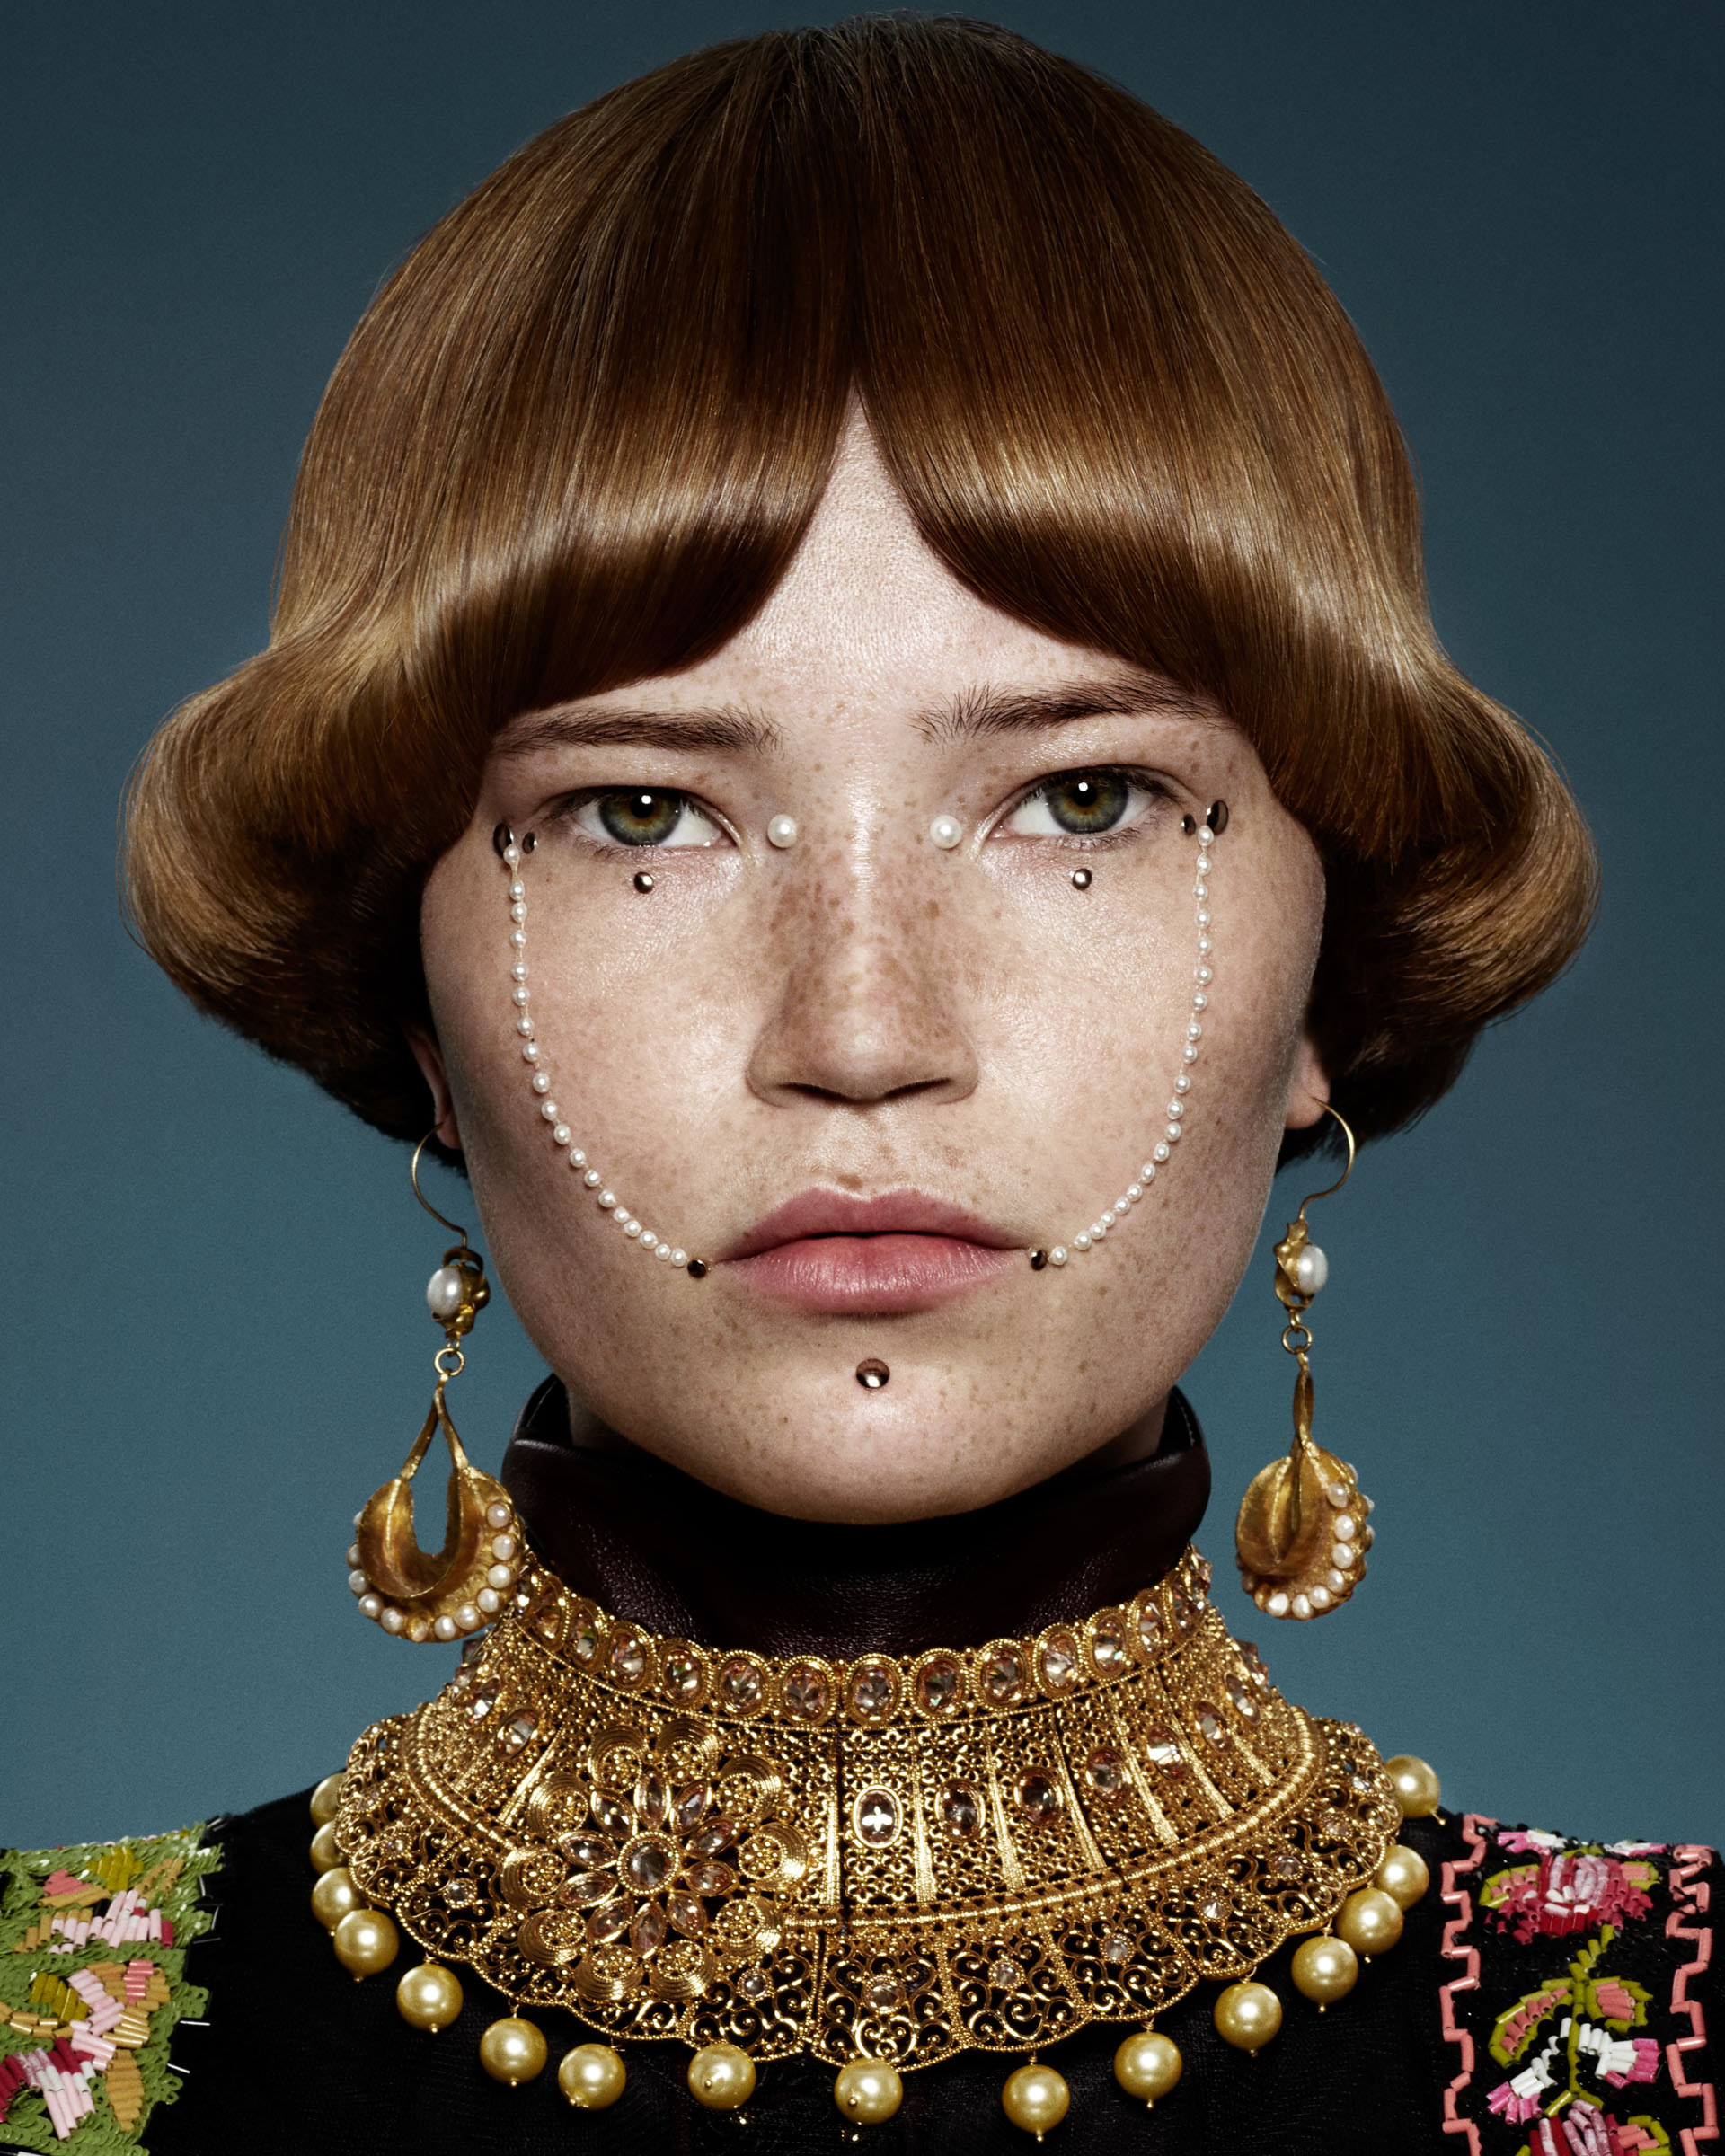 Jack_Eames_Beauty_Makeup_Shot_02.jpg